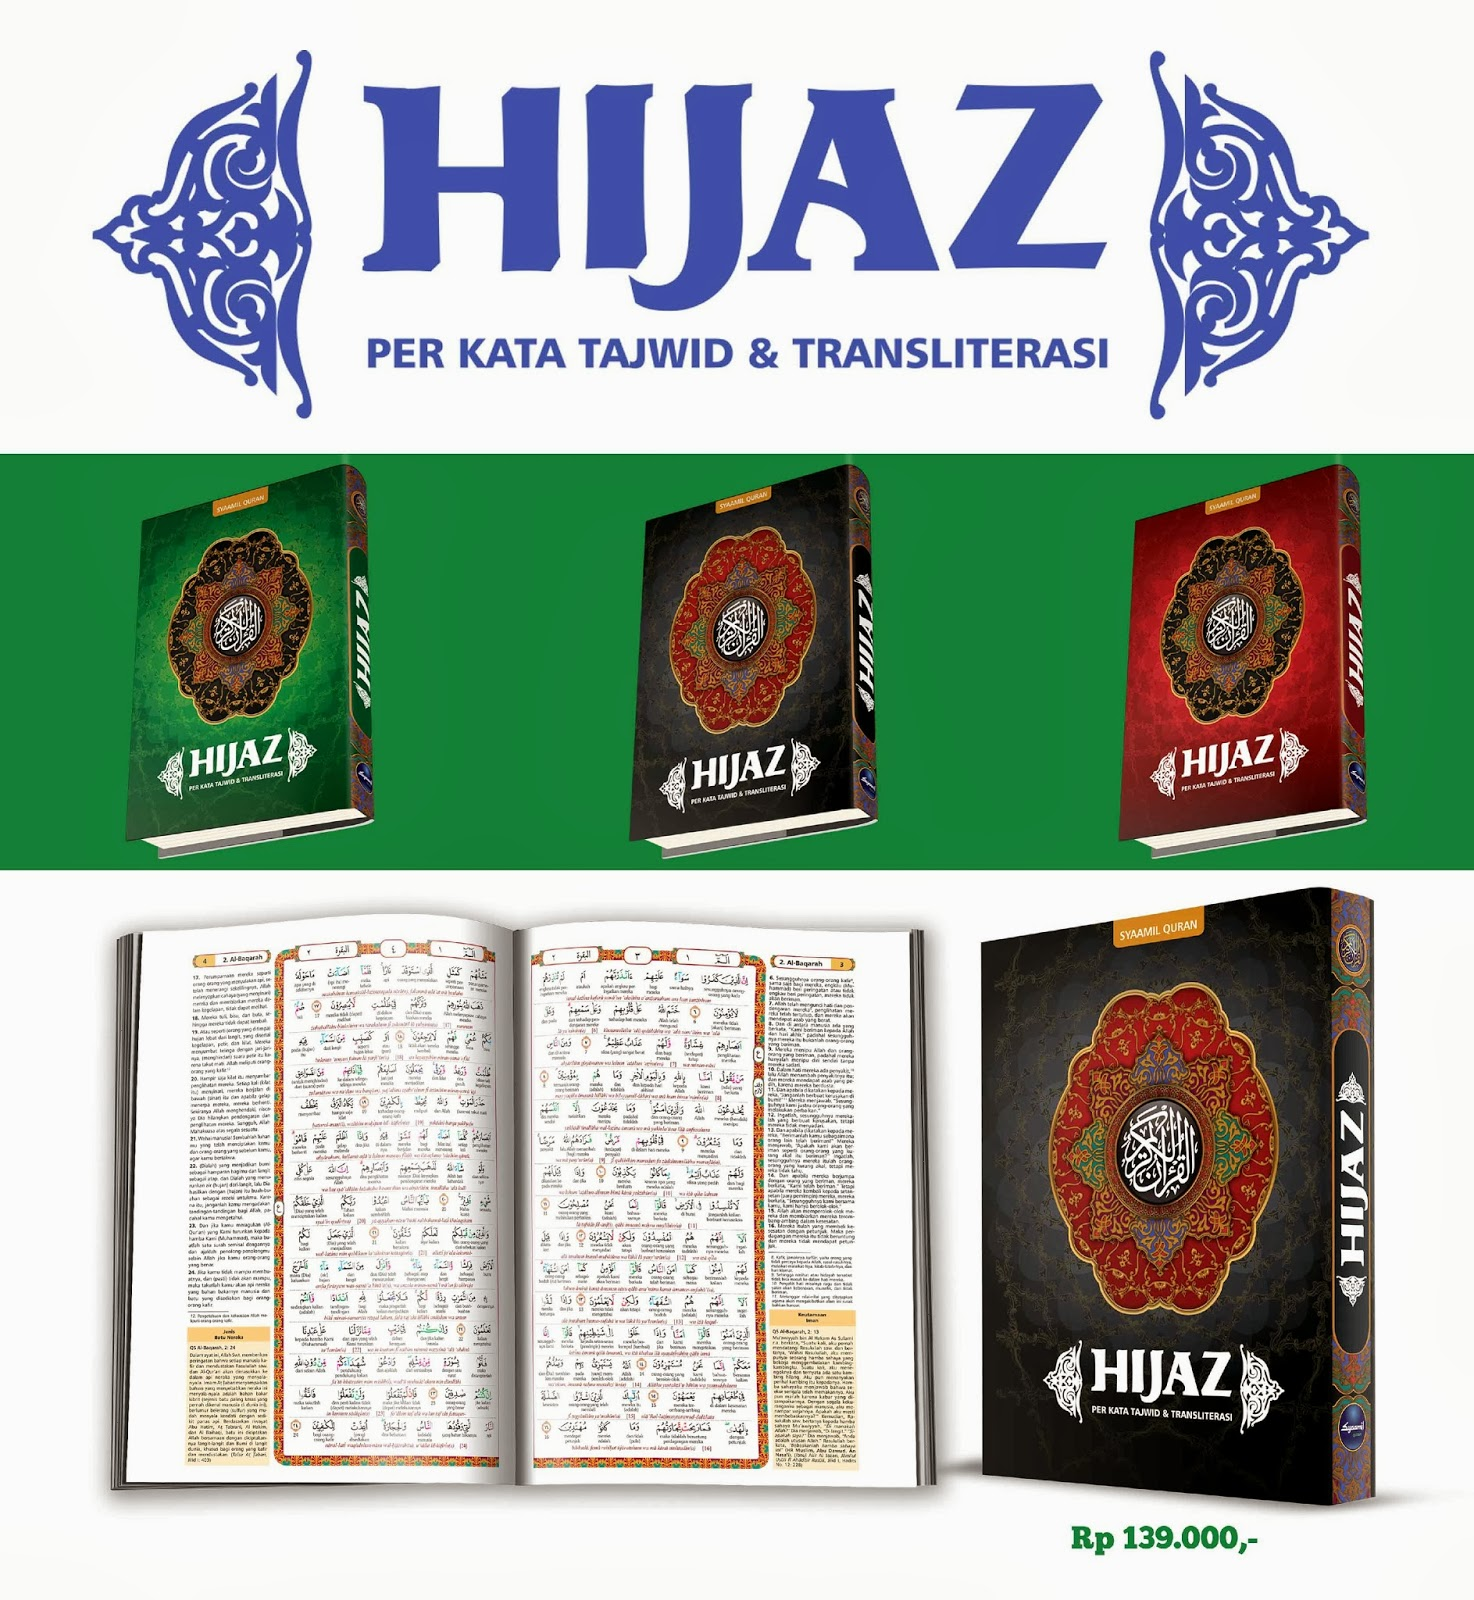 Transliterasi di dalamnya memudahkan saat membaca Alquran Tihamah; dari huruf Arab ke latin (ejaan Indonesia).